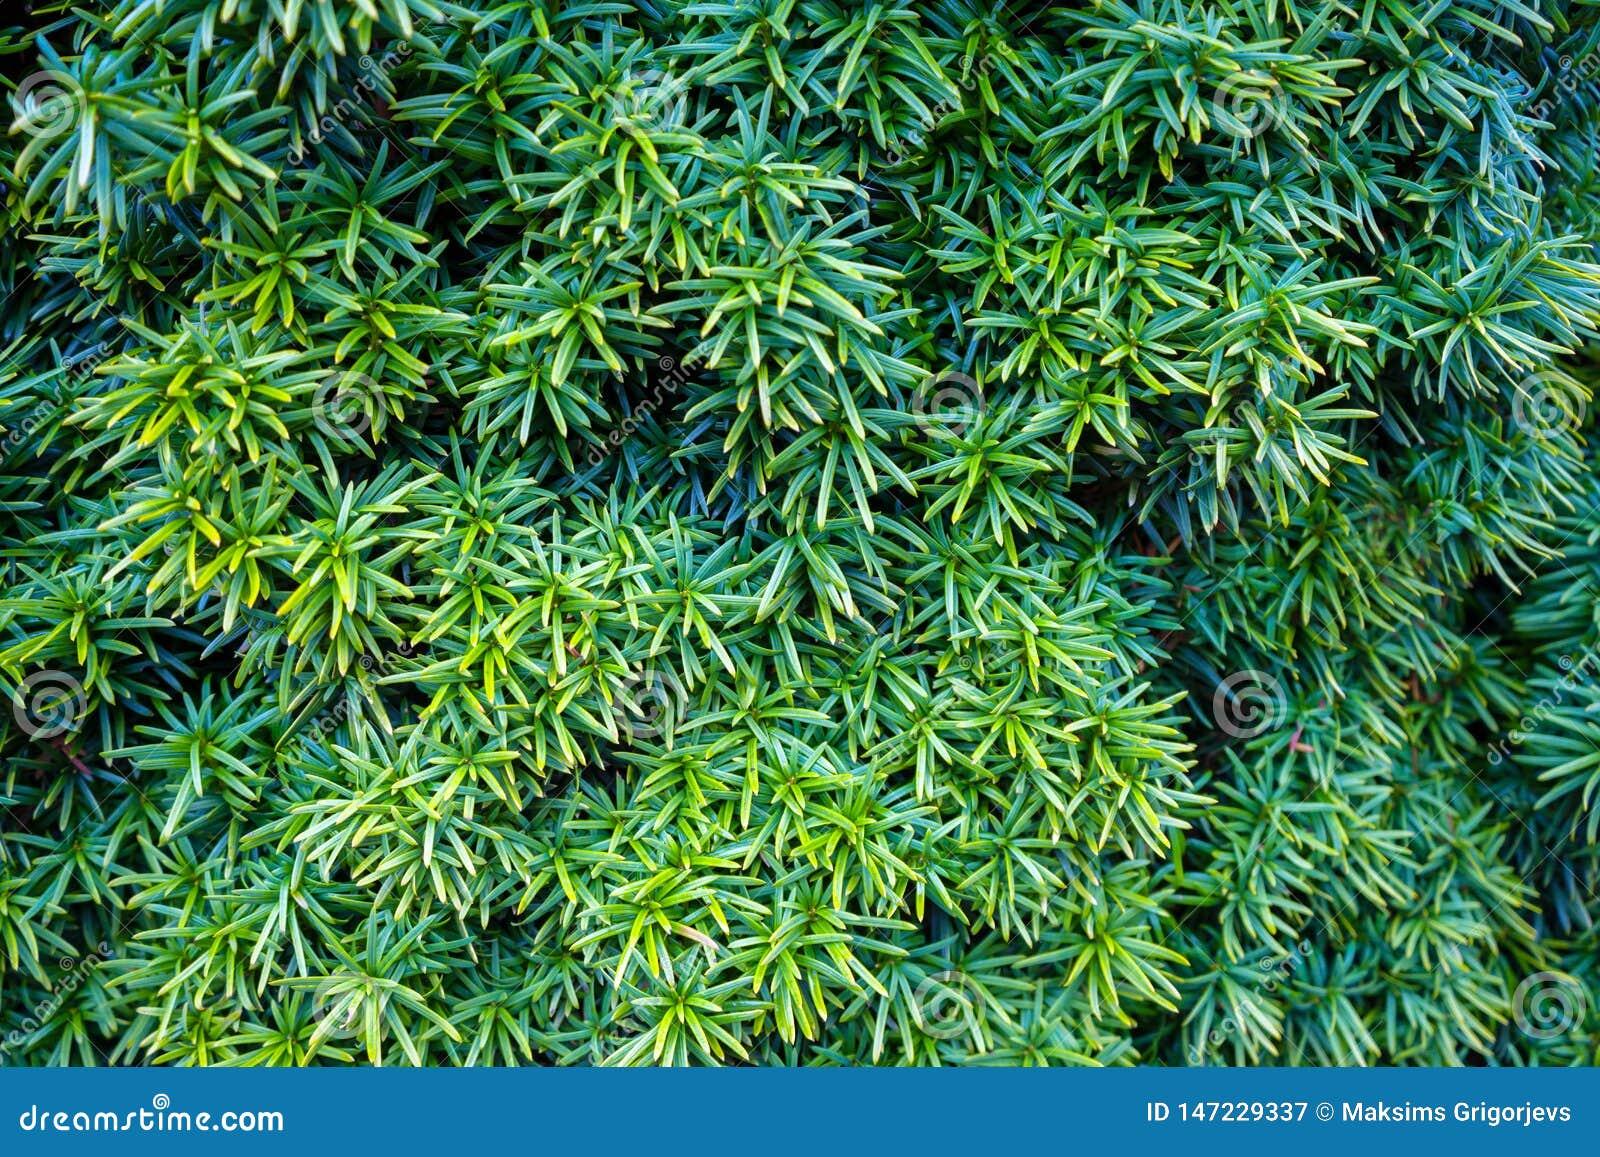 美丽的常青赤柏松树,罗汗松baccata在庭院里